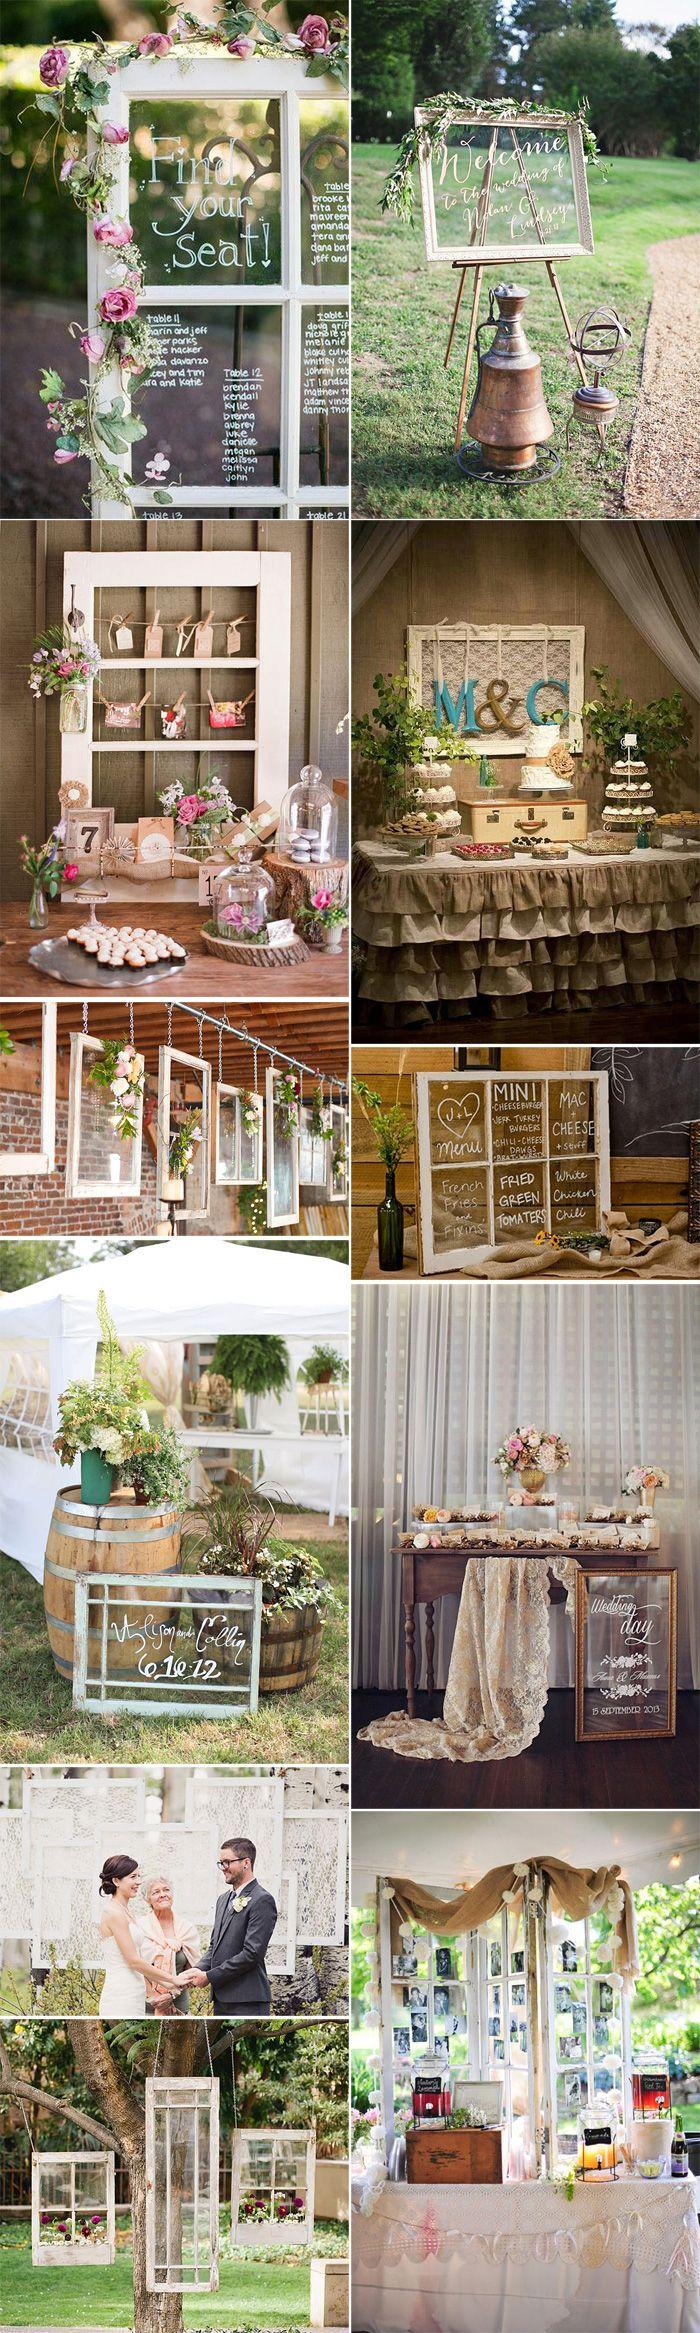 Wedding decorations for reception january 2019 Marcos de ventana antiguos  ideas para decorar bodas  Wedding